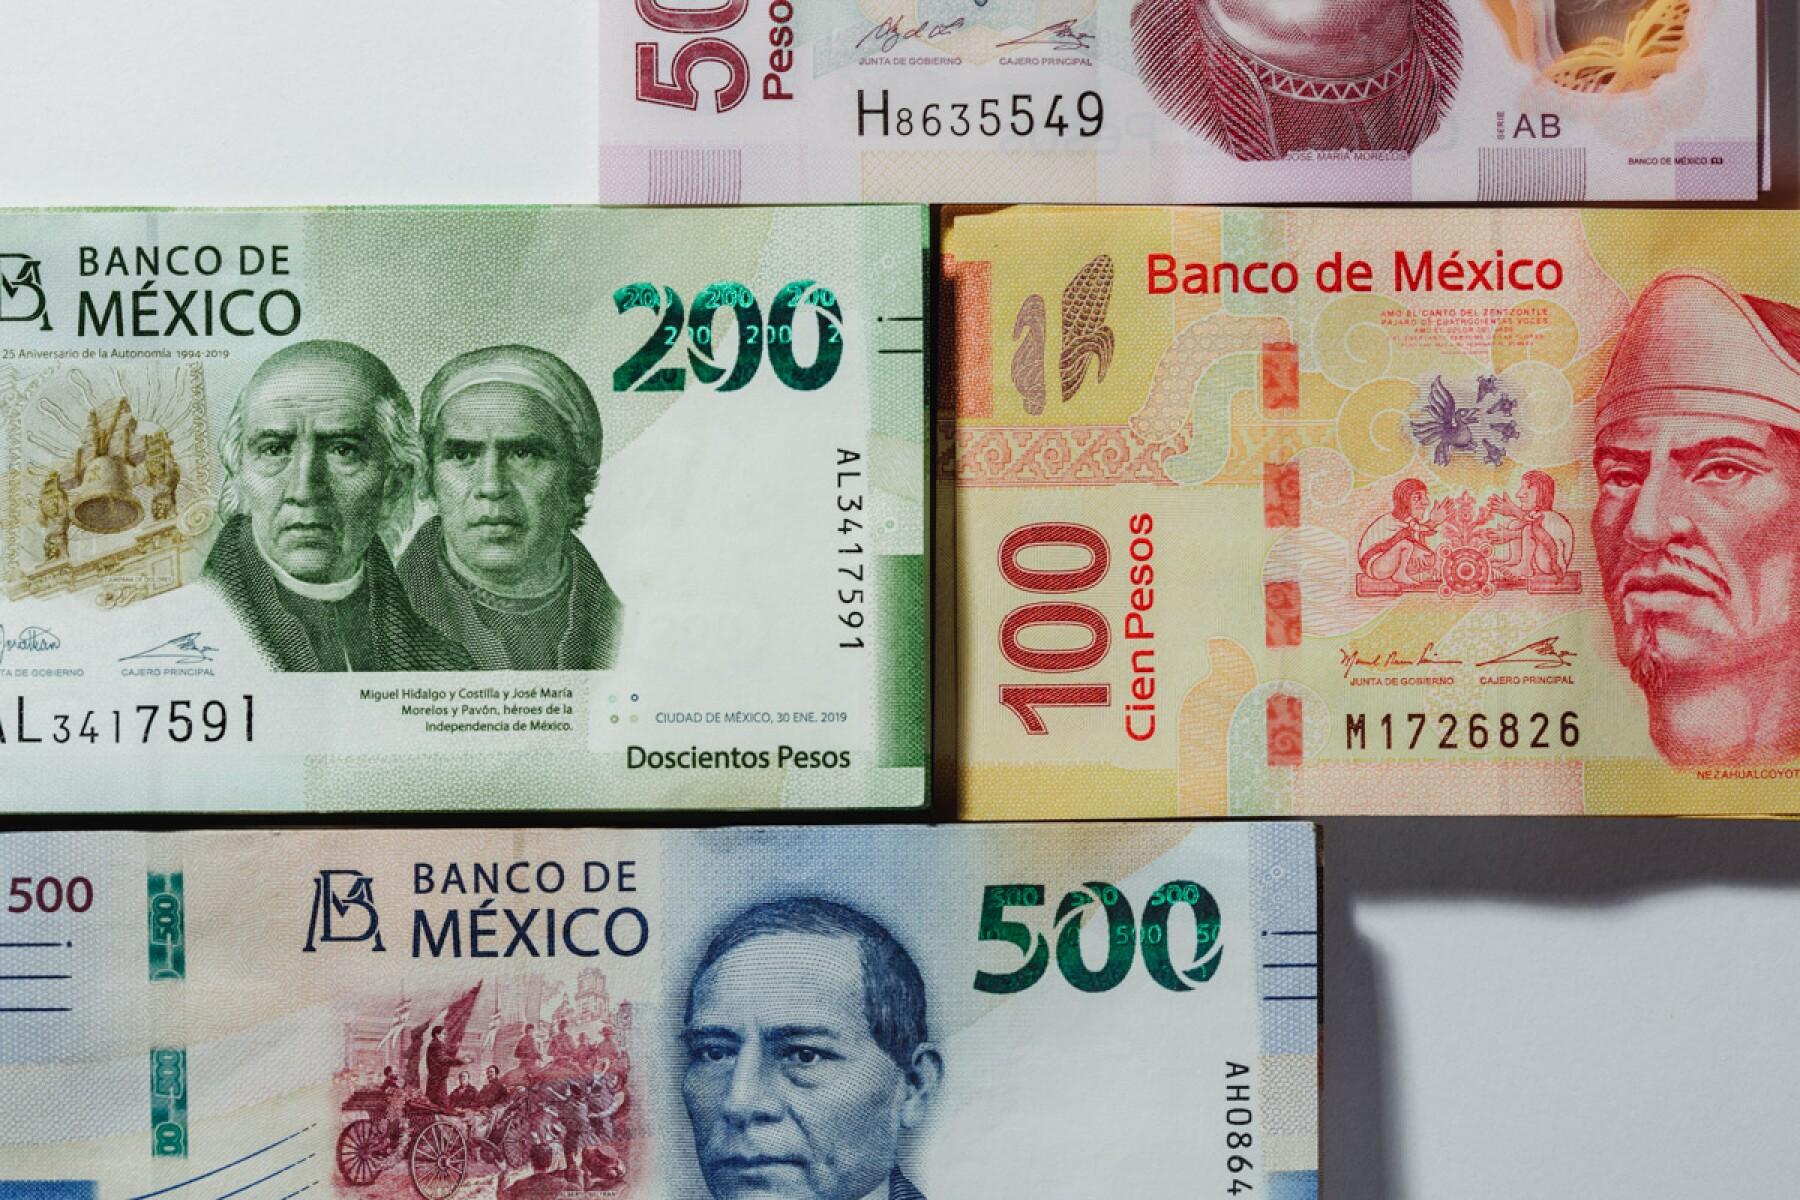 La banca en México - bancos mexicanos - créditos